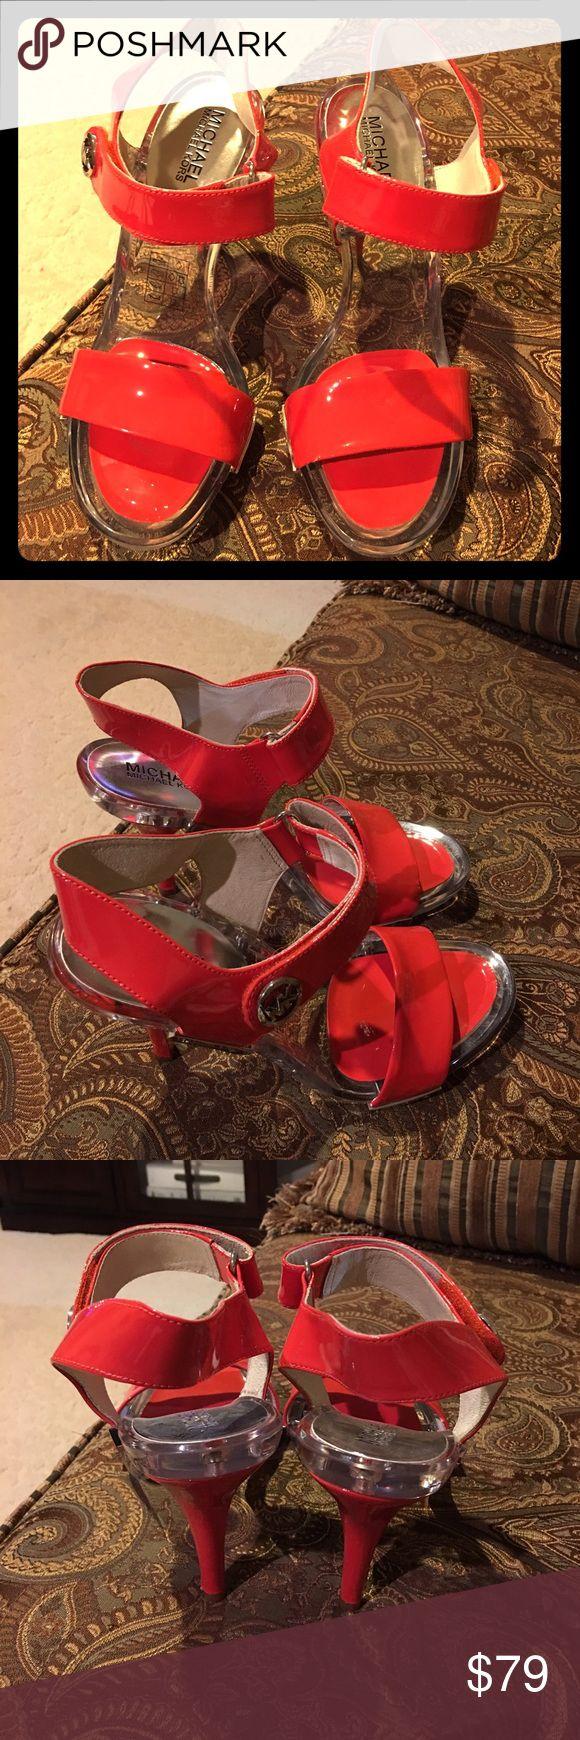 Michael Kors. Red. 4 inch heels. Velcro closure. Michael Kors. 4 inch heel. Red orange. Great condition. Velcro closure.No trade.no PayPal. Michael Kors Shoes Heels